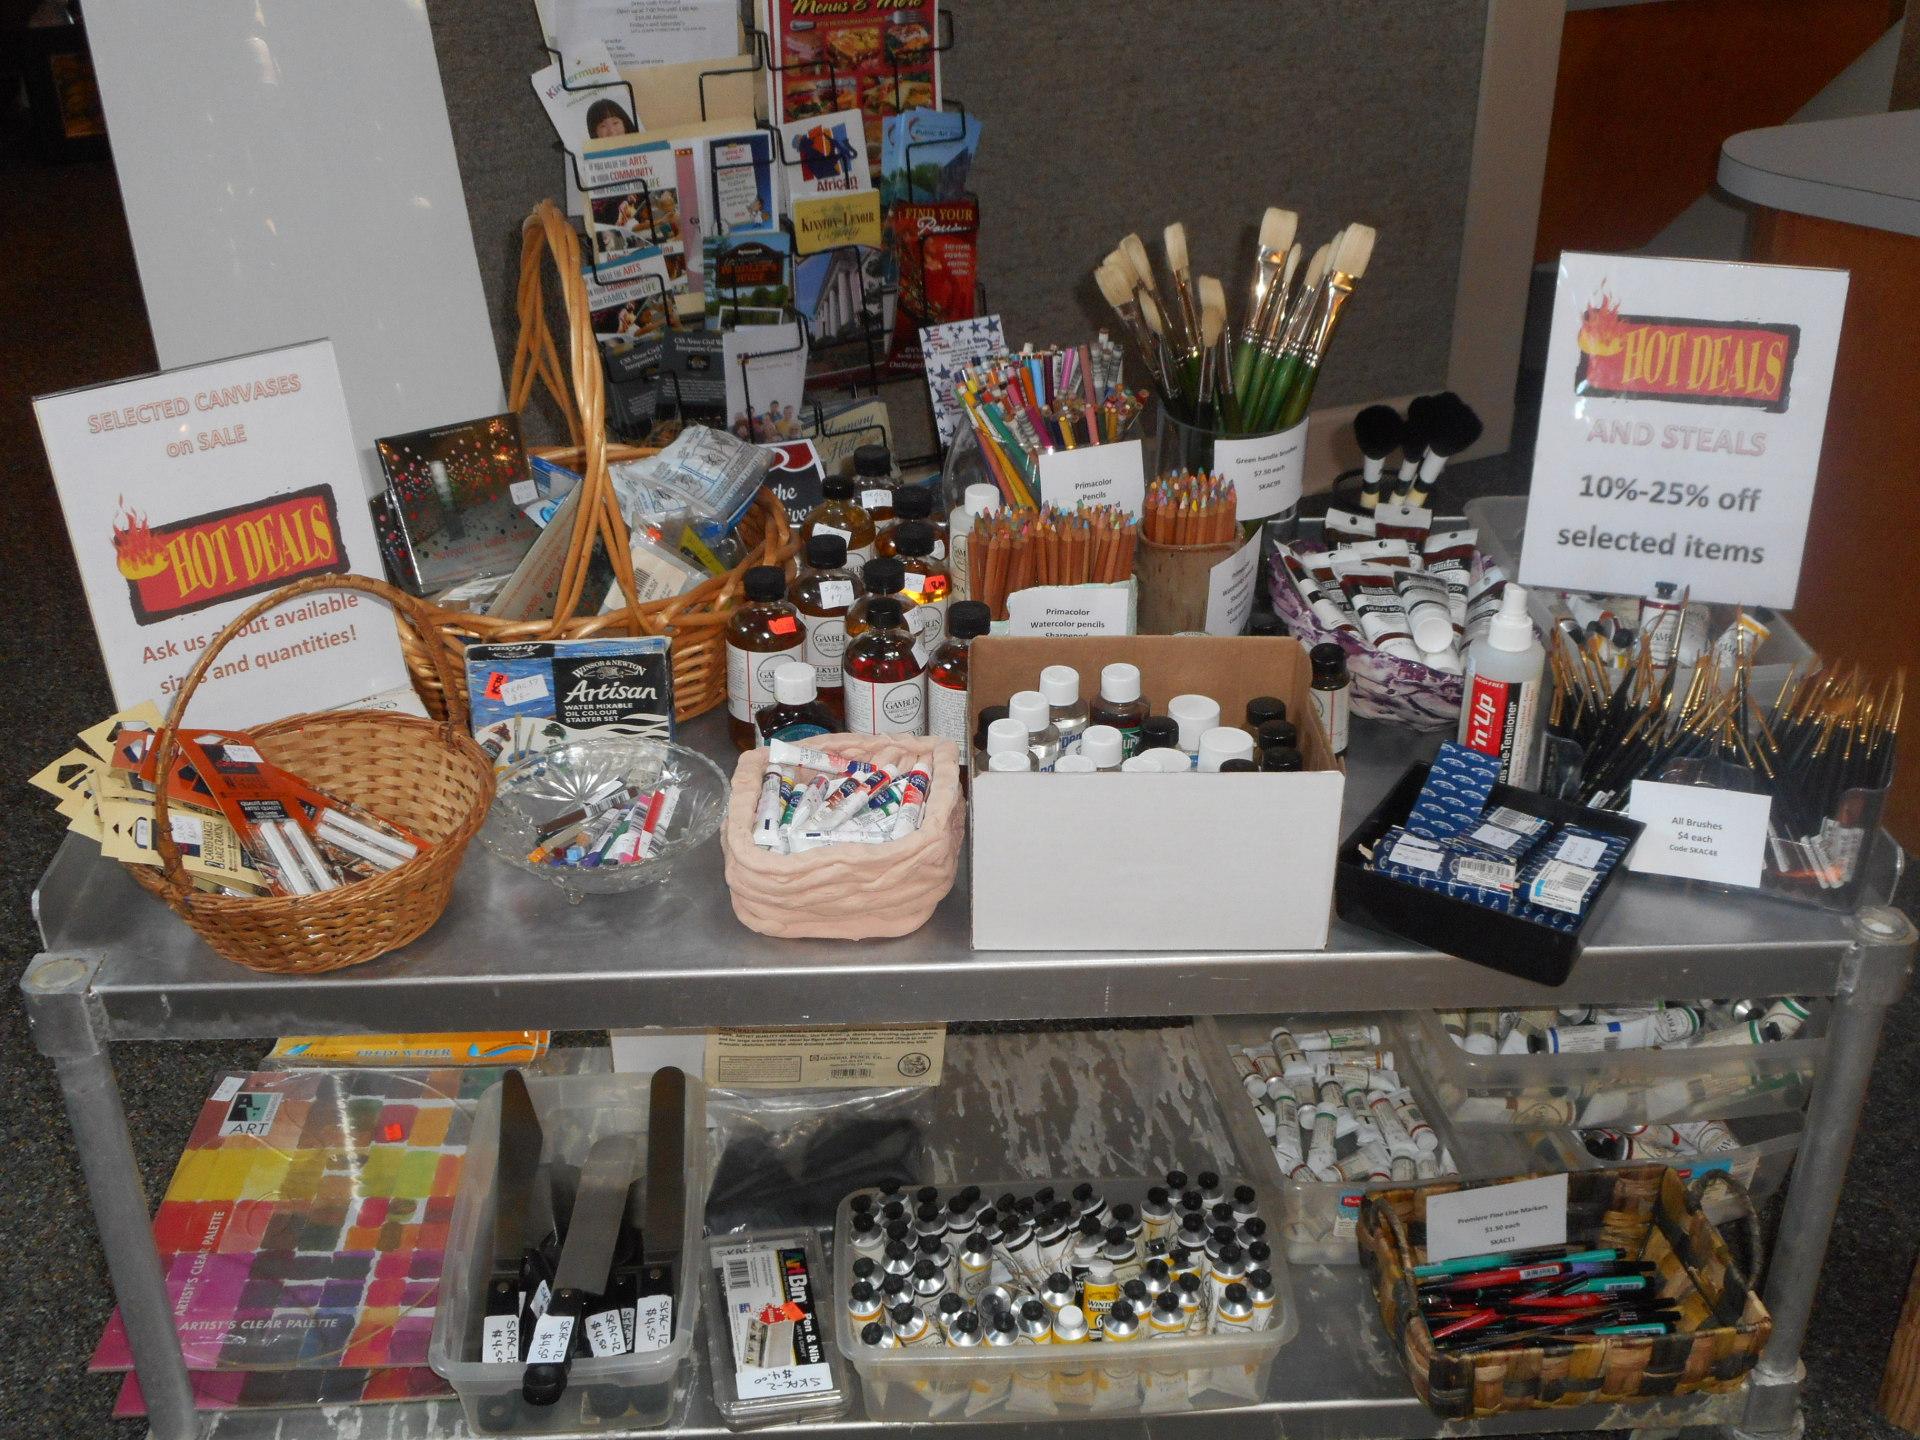 Galleria Gift Shop -- Art Supply Sale